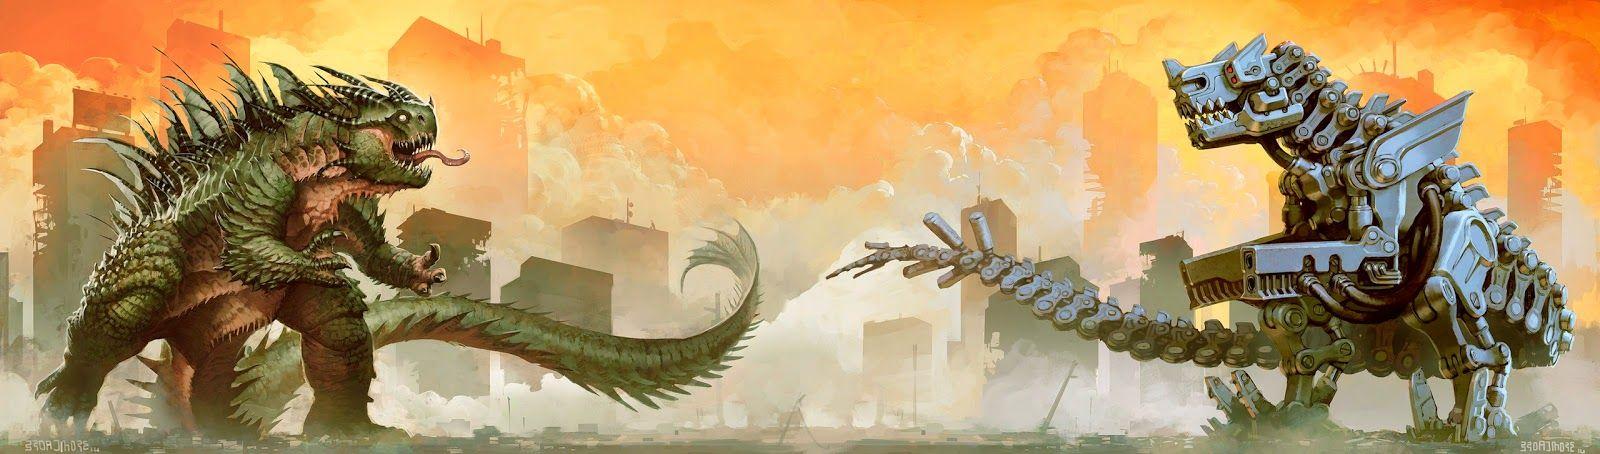 The King of Fatboss: Gojira, Godzilla, Tomayto, Tomahto